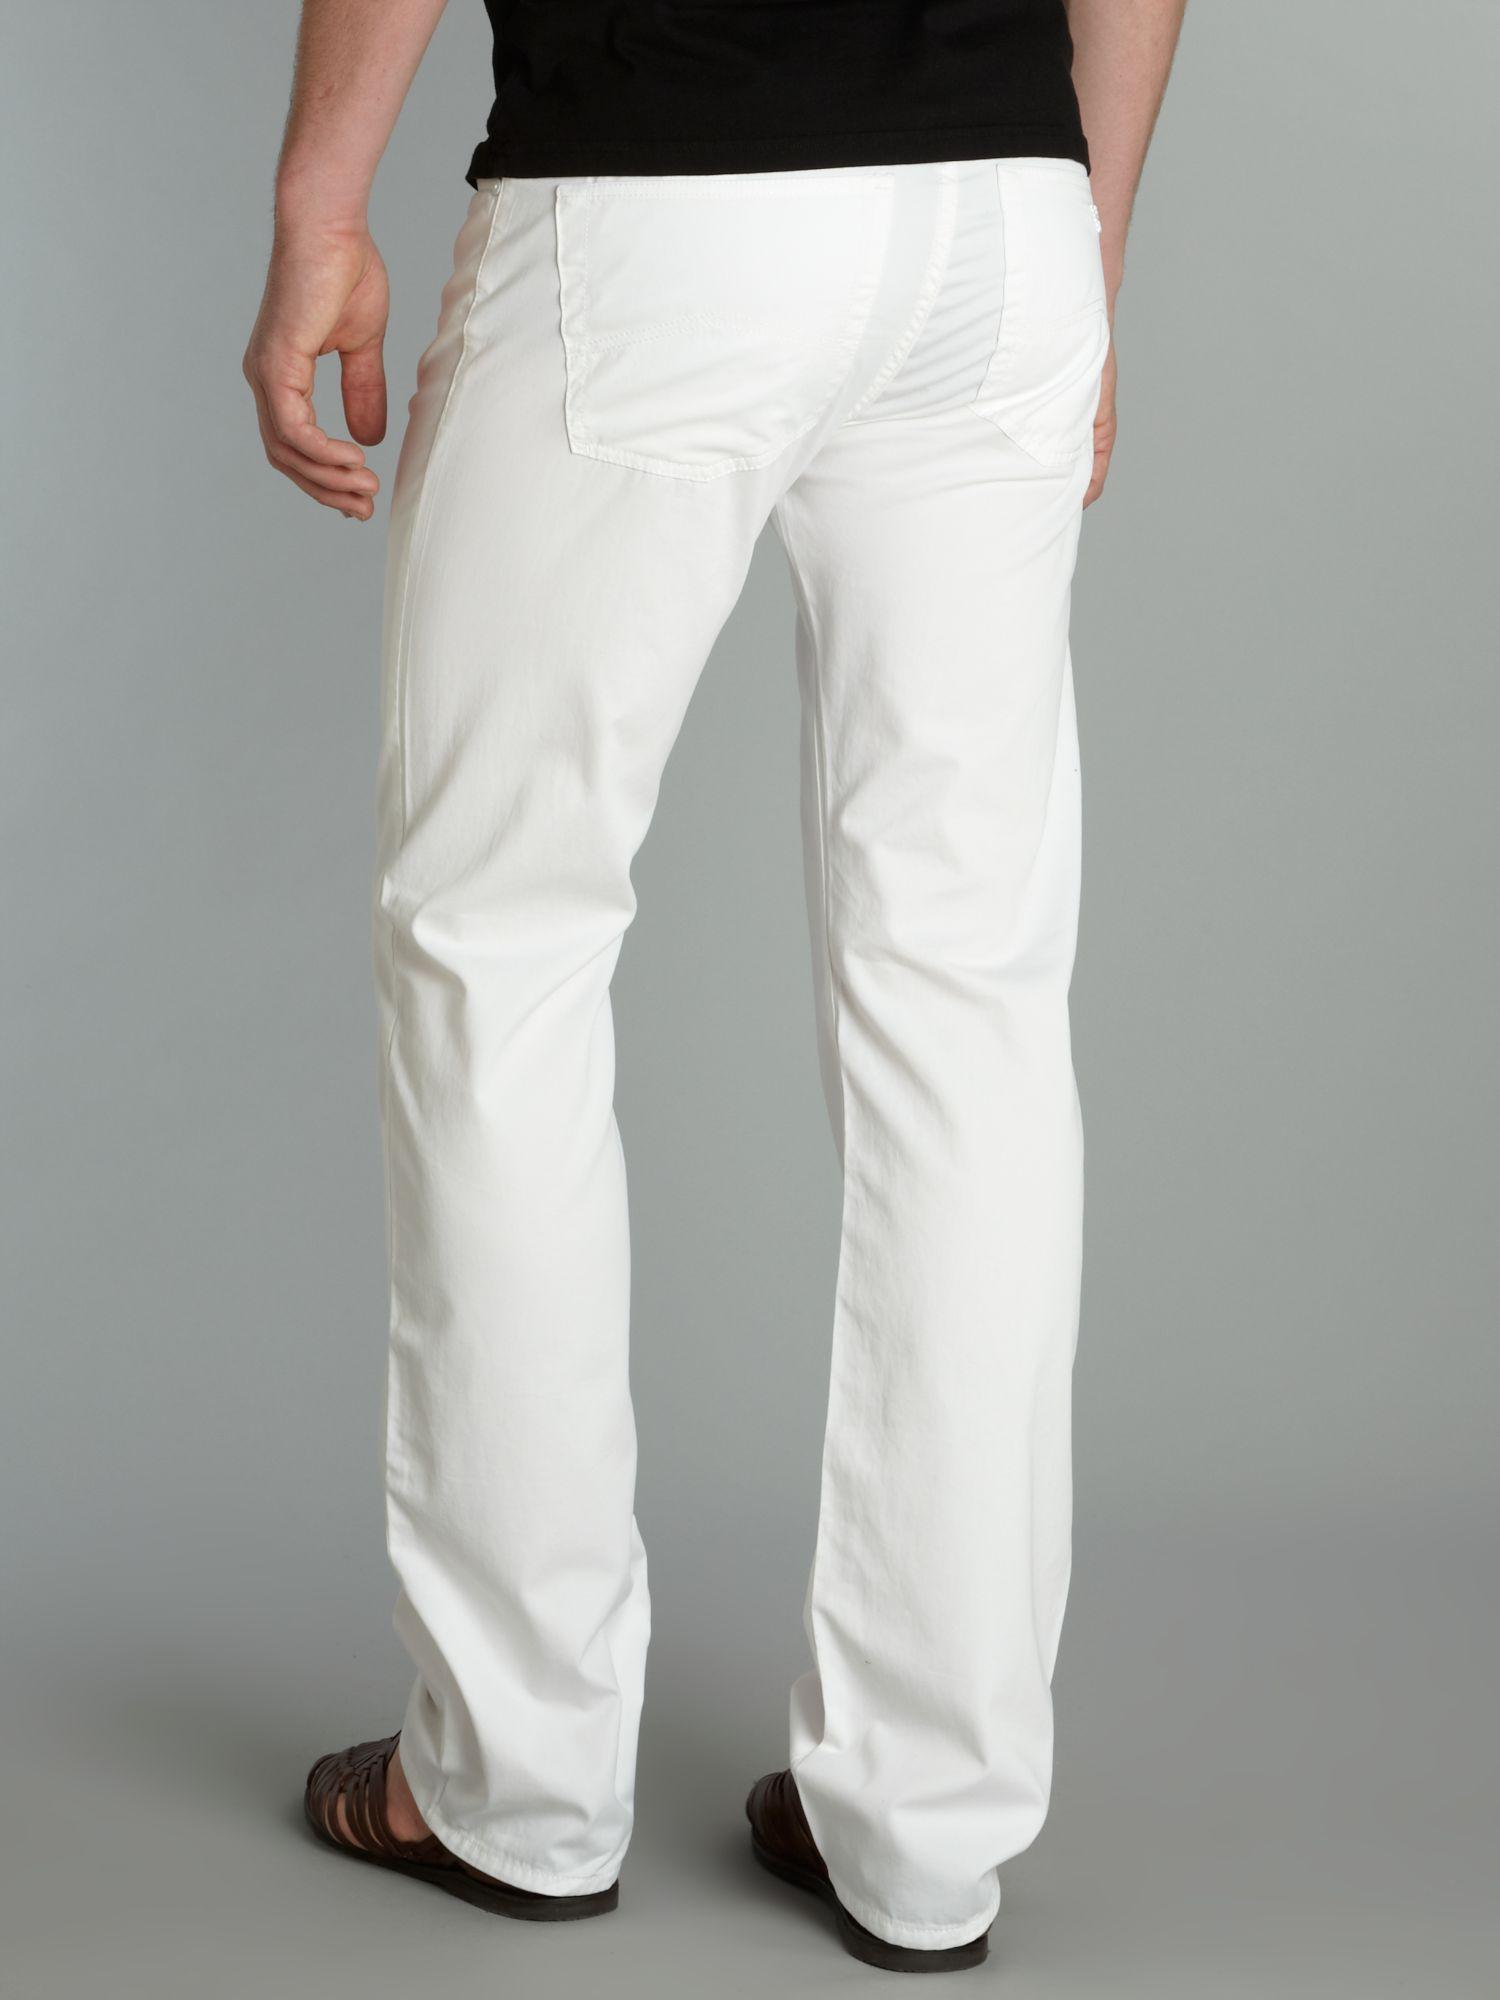 White Armani Jeans Men